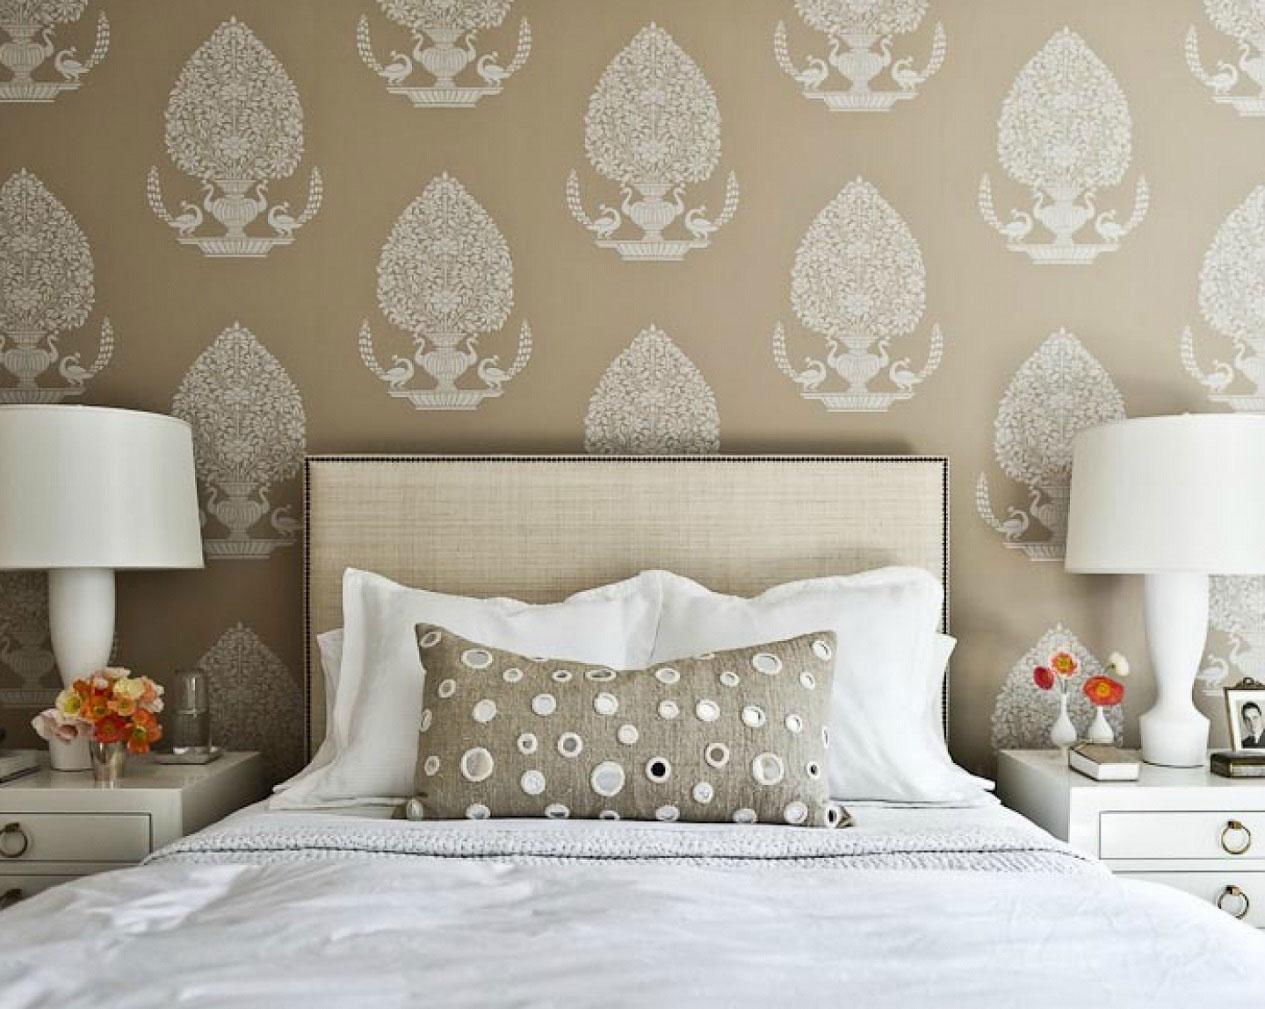 30 Best Diy Wallpaper Designs for Bedrooms UK 2015 1265x1009